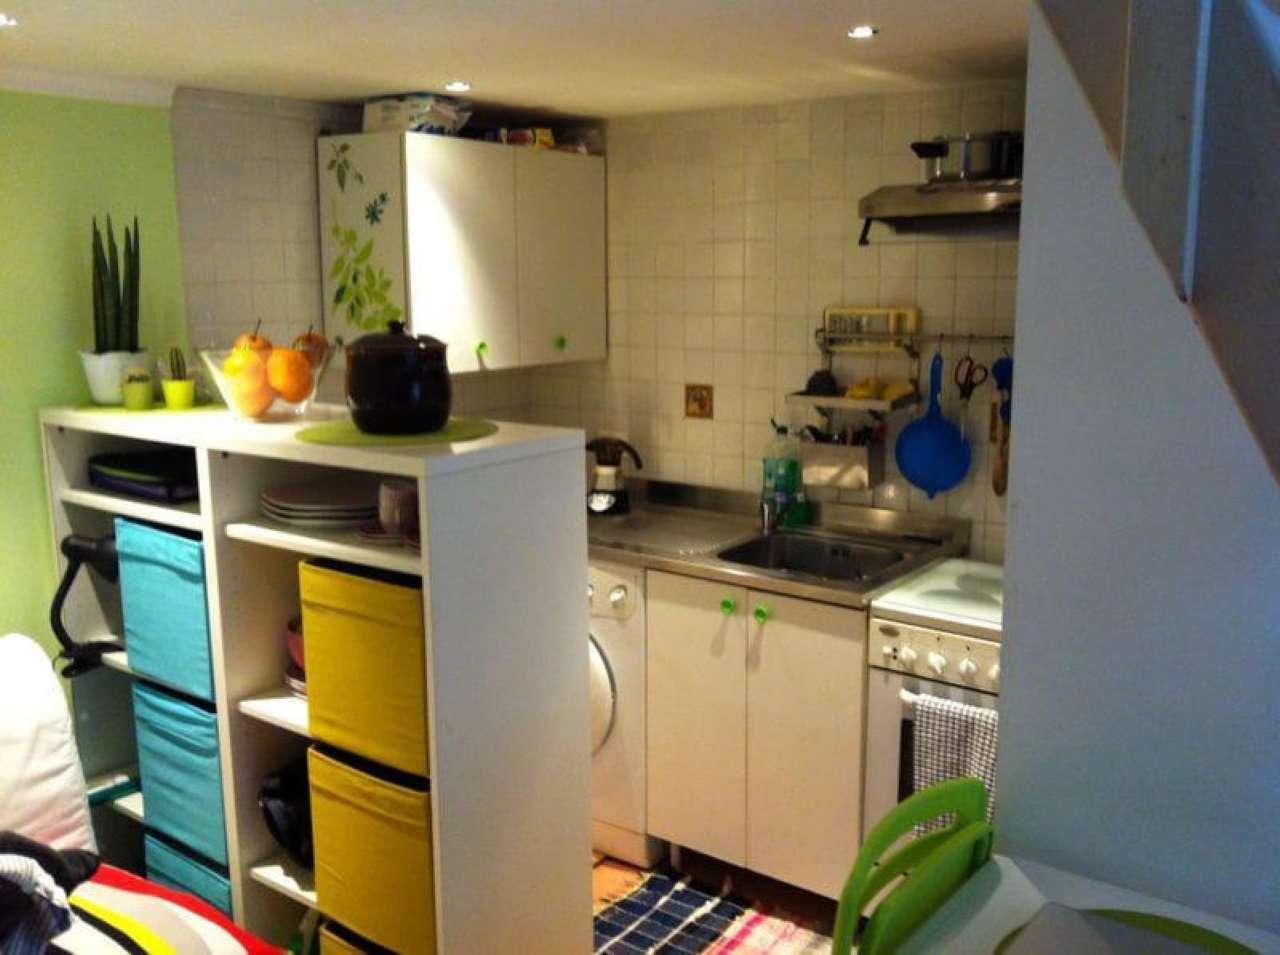 Appartamento in vendita a Roma, 1 locali, zona Zona: 3 . Trieste - Somalia - Salario, prezzo € 119.000 | CambioCasa.it